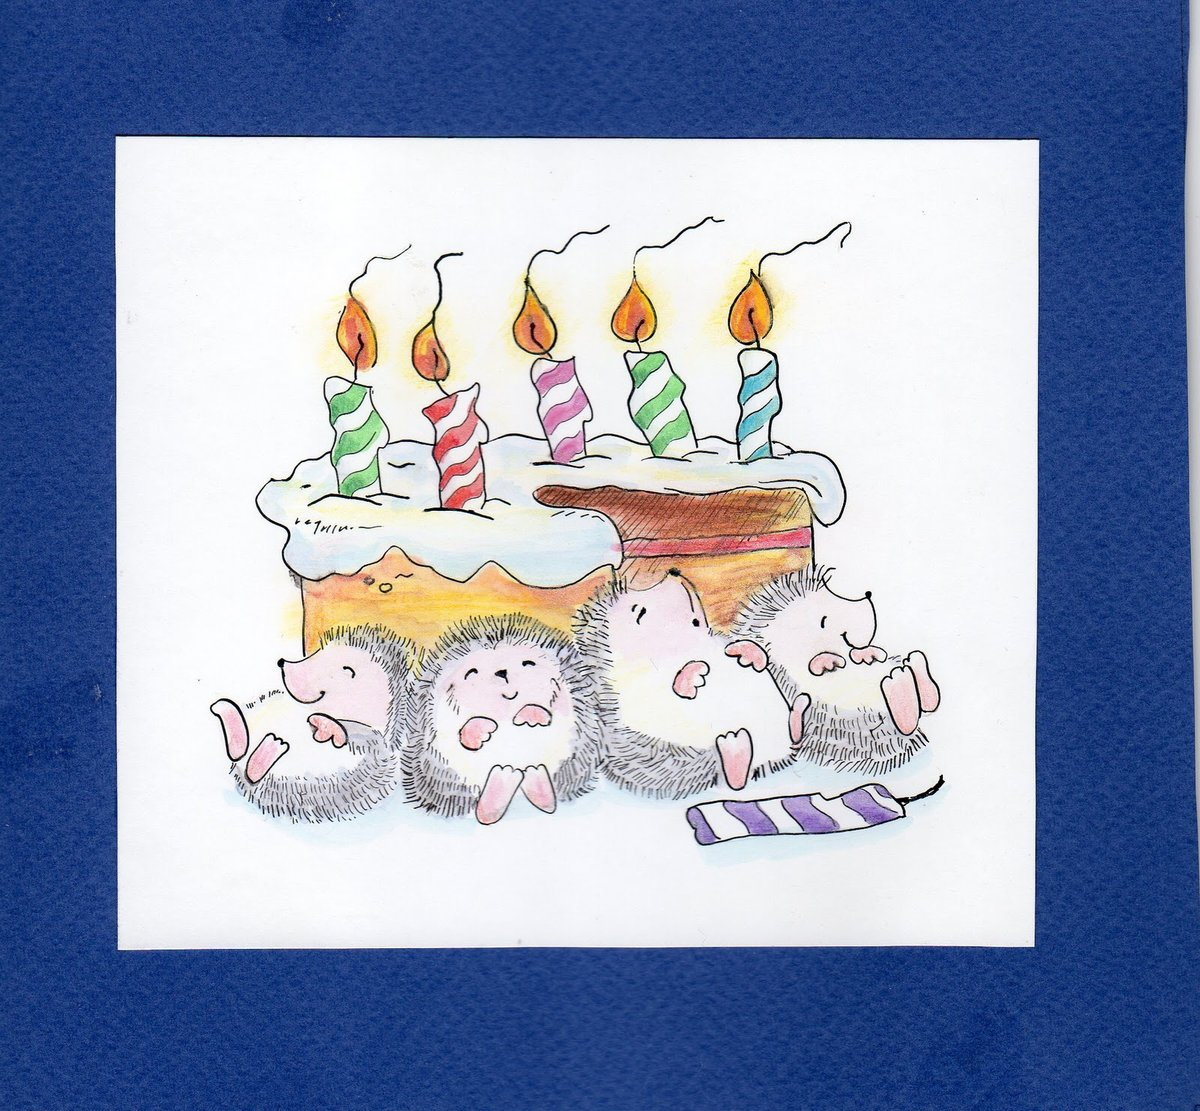 С днем рождения открытки на датском королевстве, складывающиеся